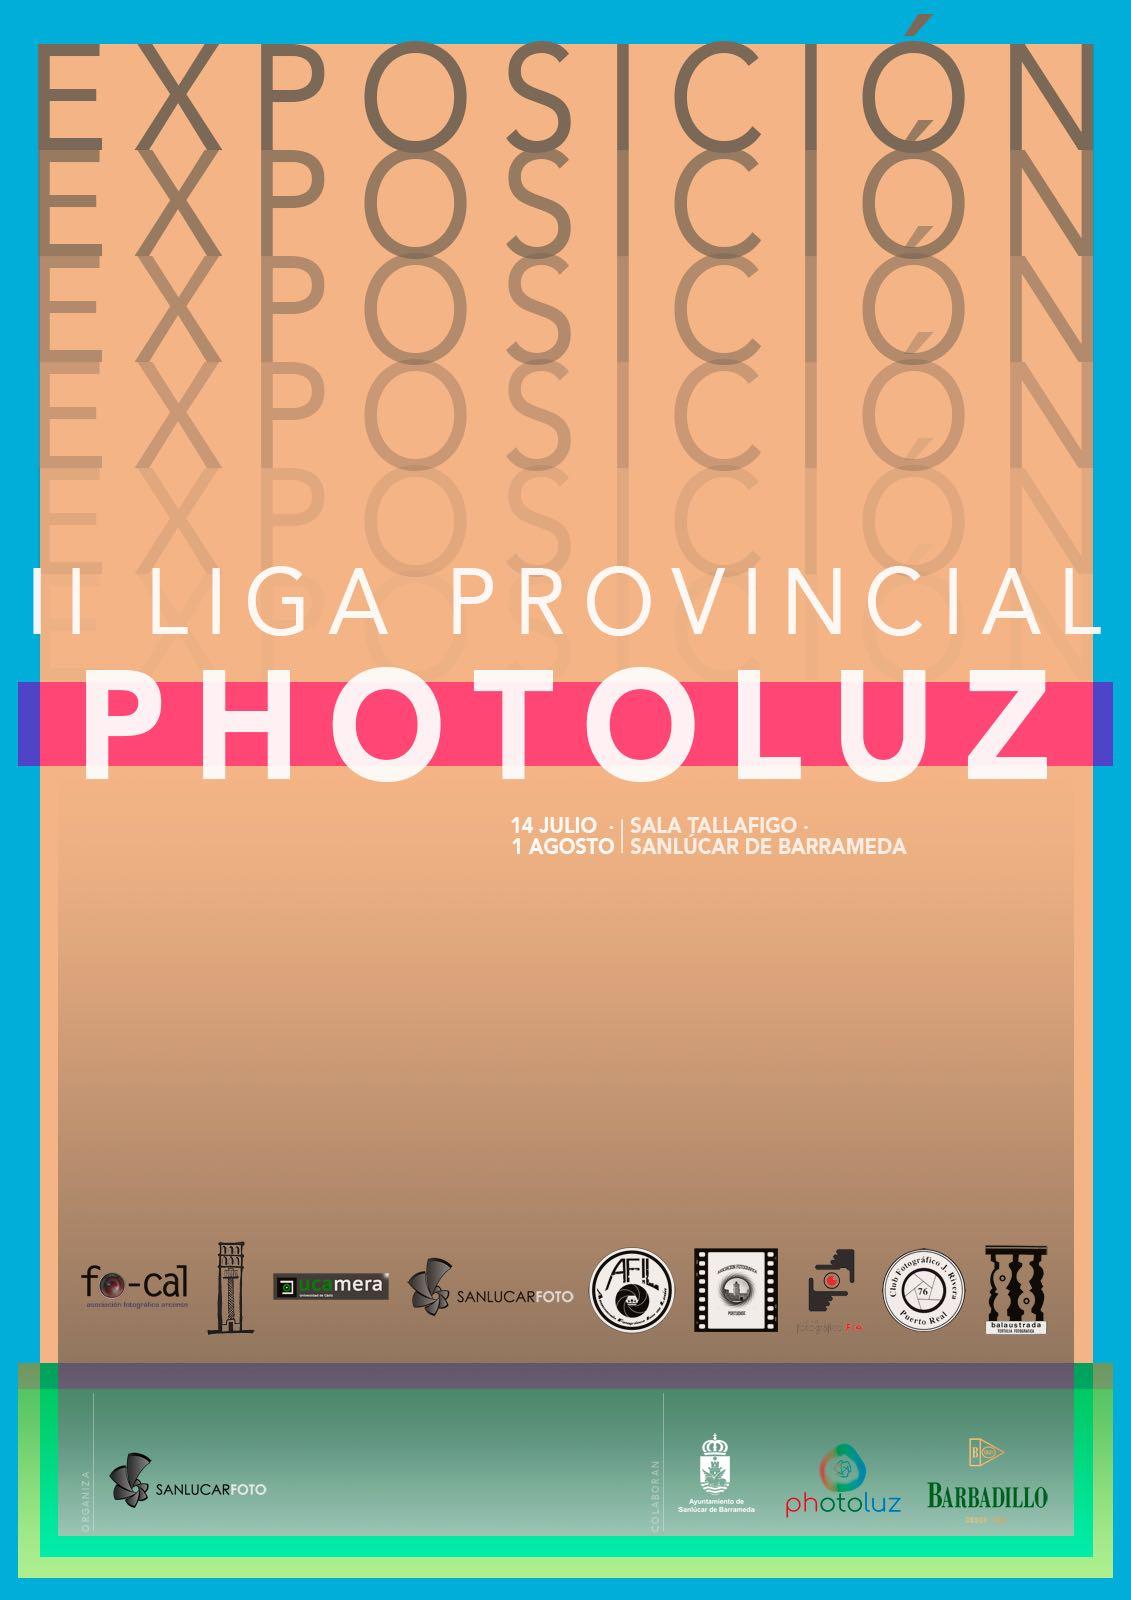 La II edición de Photoluz en Sanlúcar de Barrameda